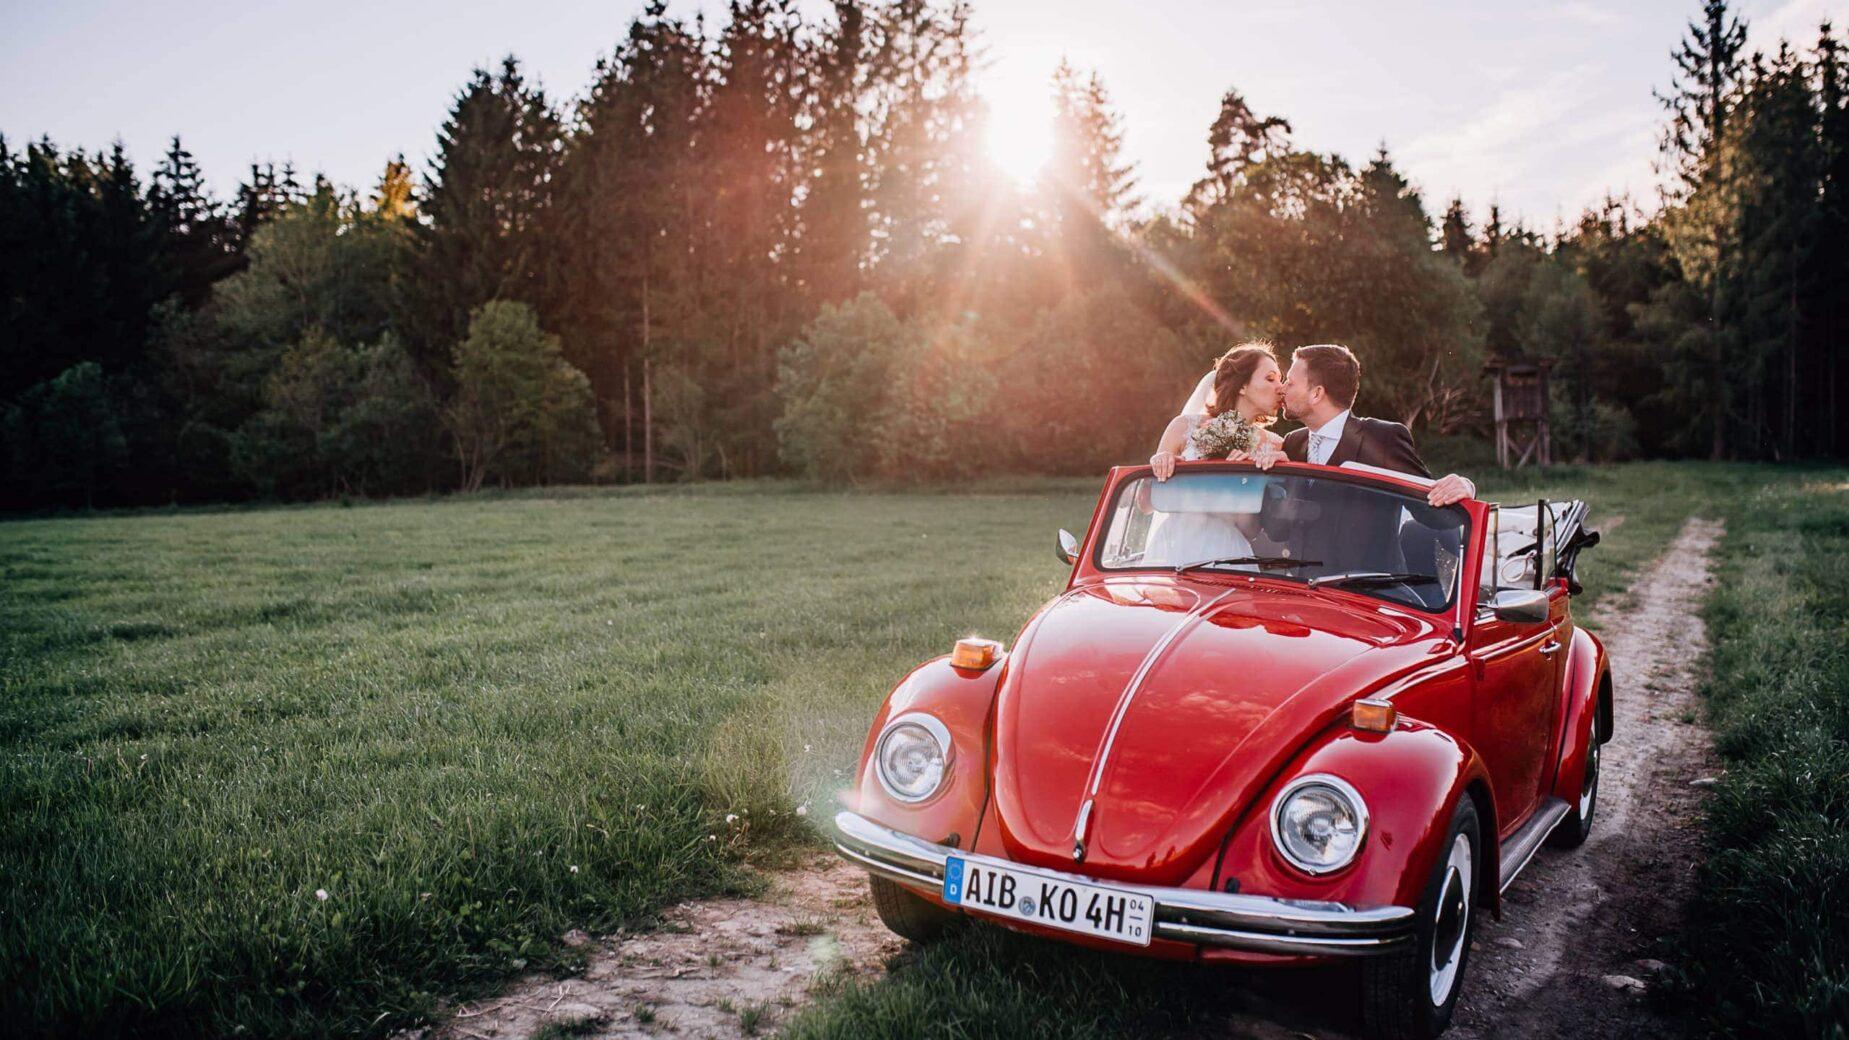 Hochzeitsreportage bei Wasserburg am Inn, Hochzeitsfotos auf dem Land, professionelle Hochzeitsbilder von Jung und Wild design